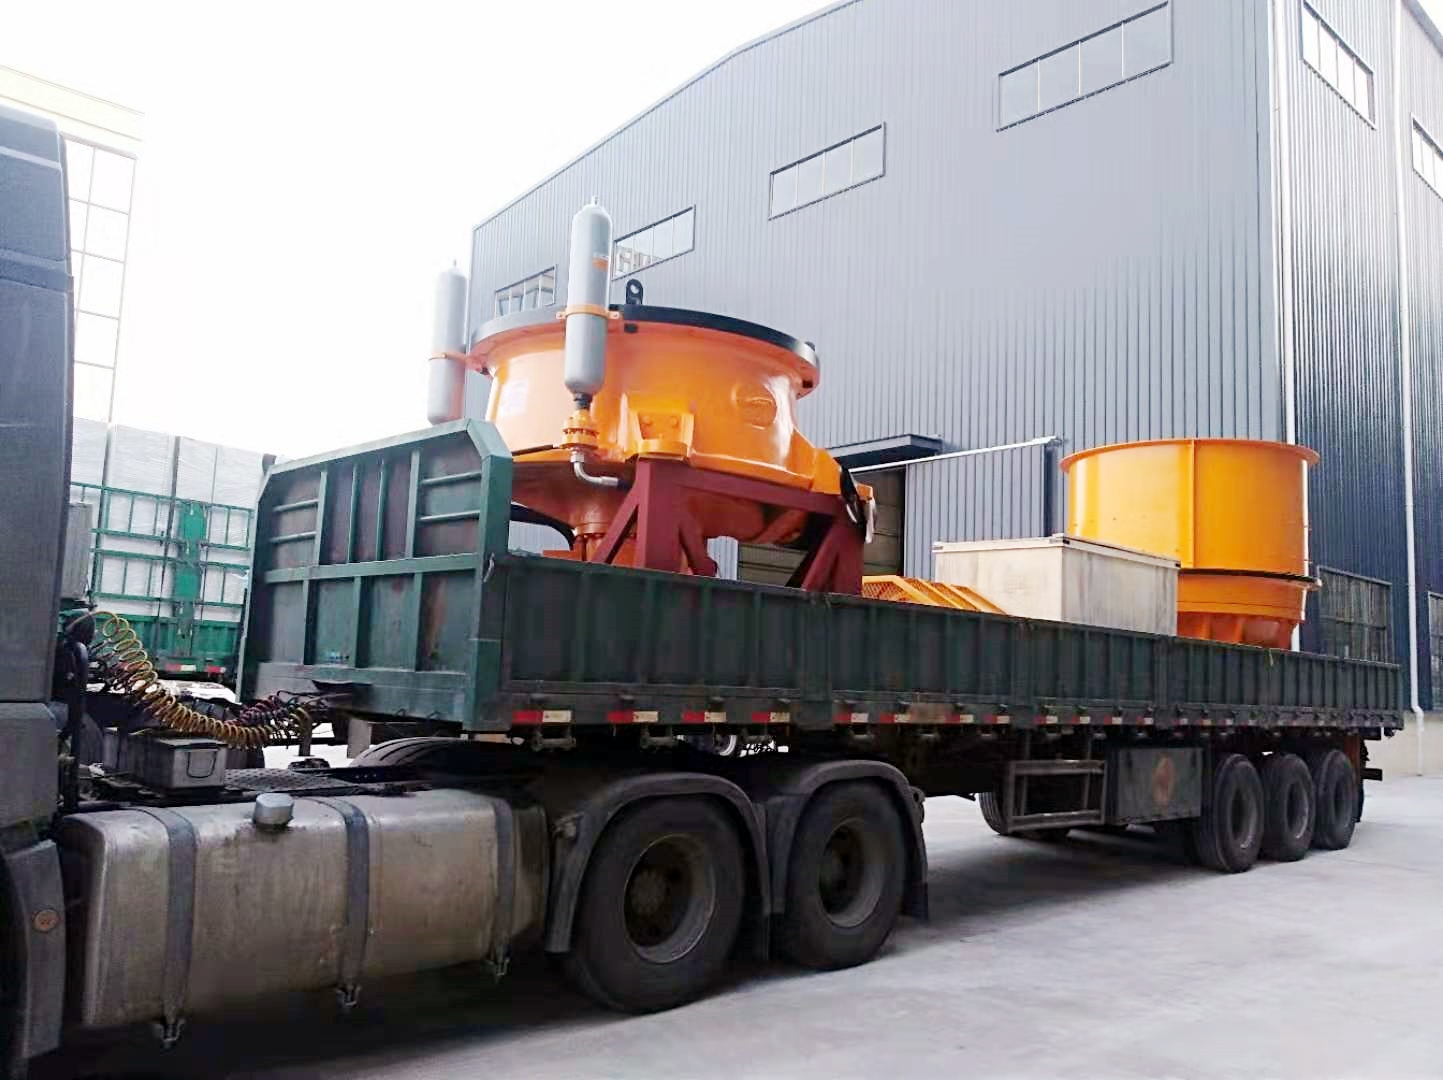 辽宁时产600吨铁矿石生产线设备第2次发货,附视频